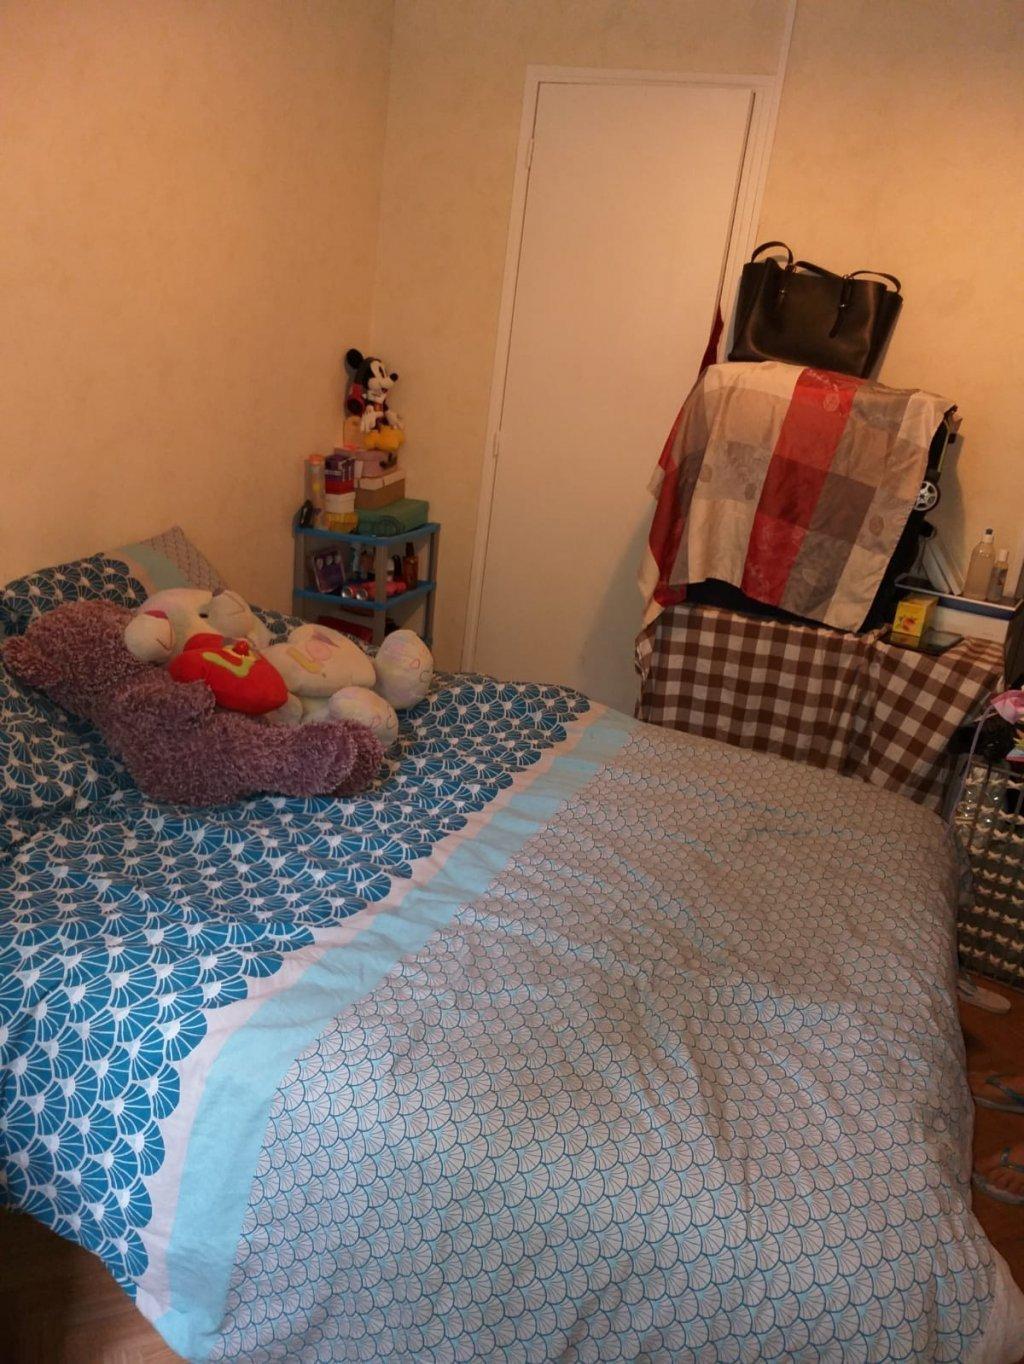 غرفة الفندق التي تعيش فيها كريمة وابنتها.